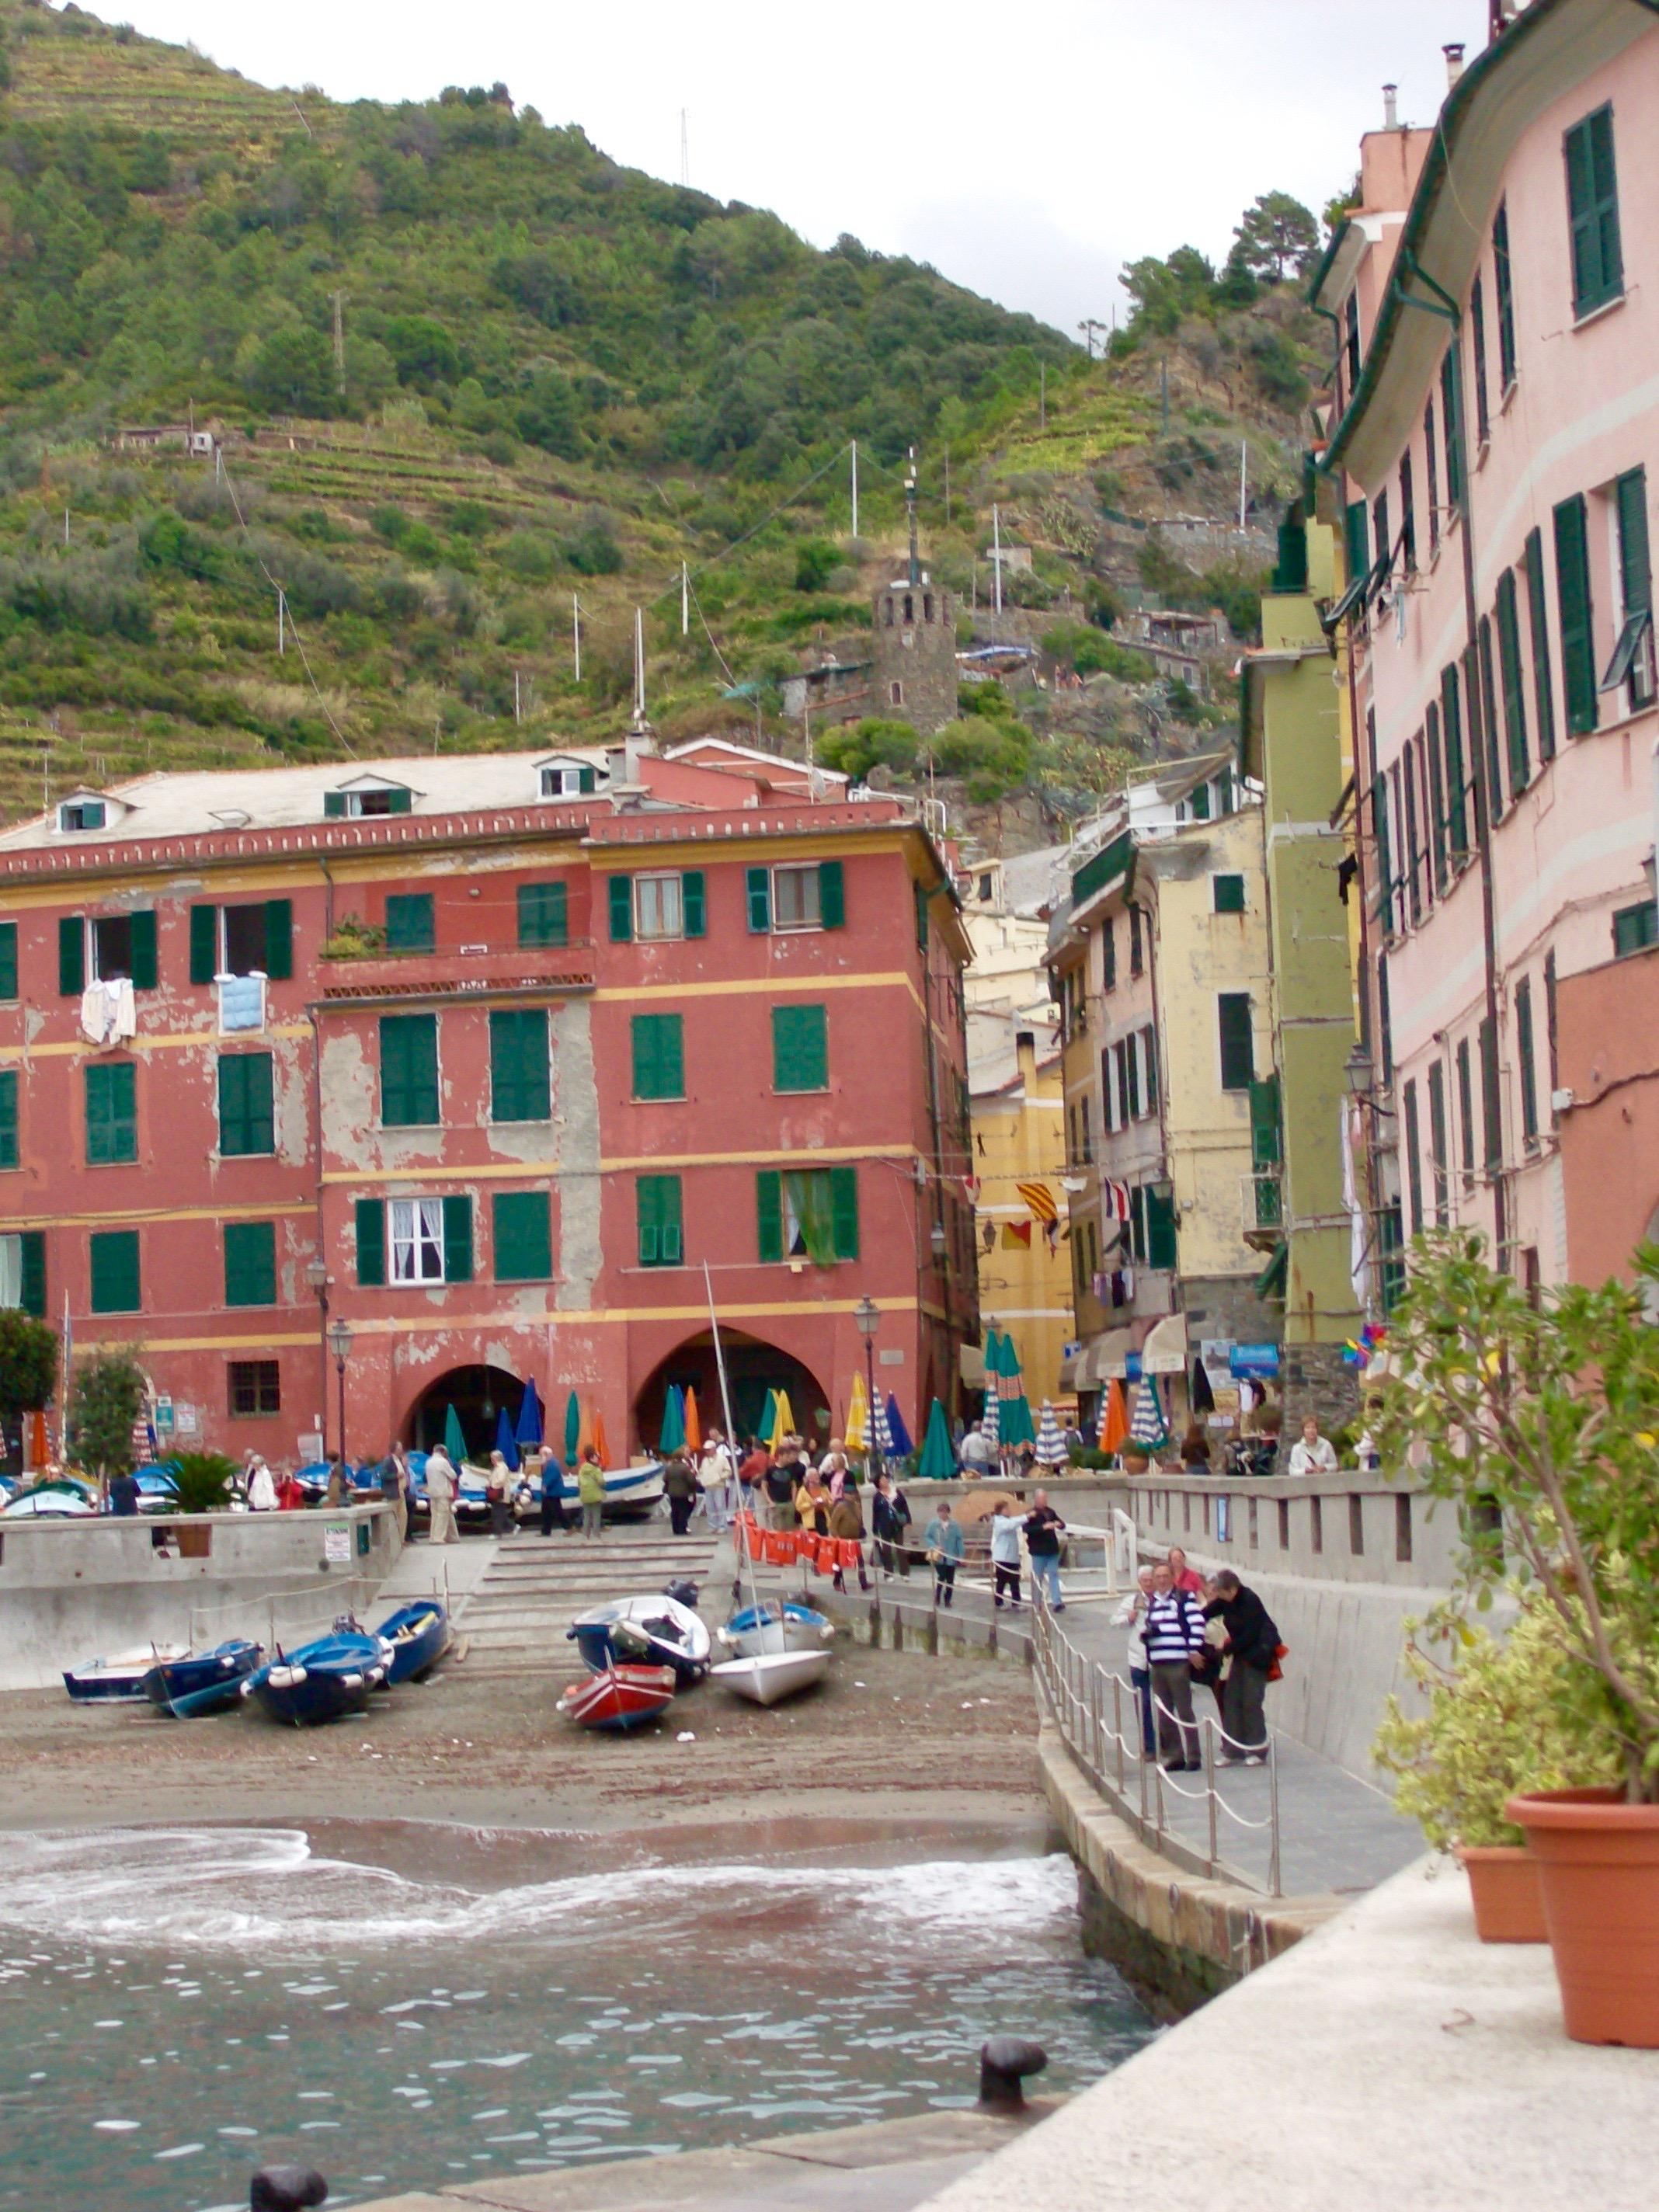 Del af Piazza Marconi i Vernazza, Cinque Terre, Italien.